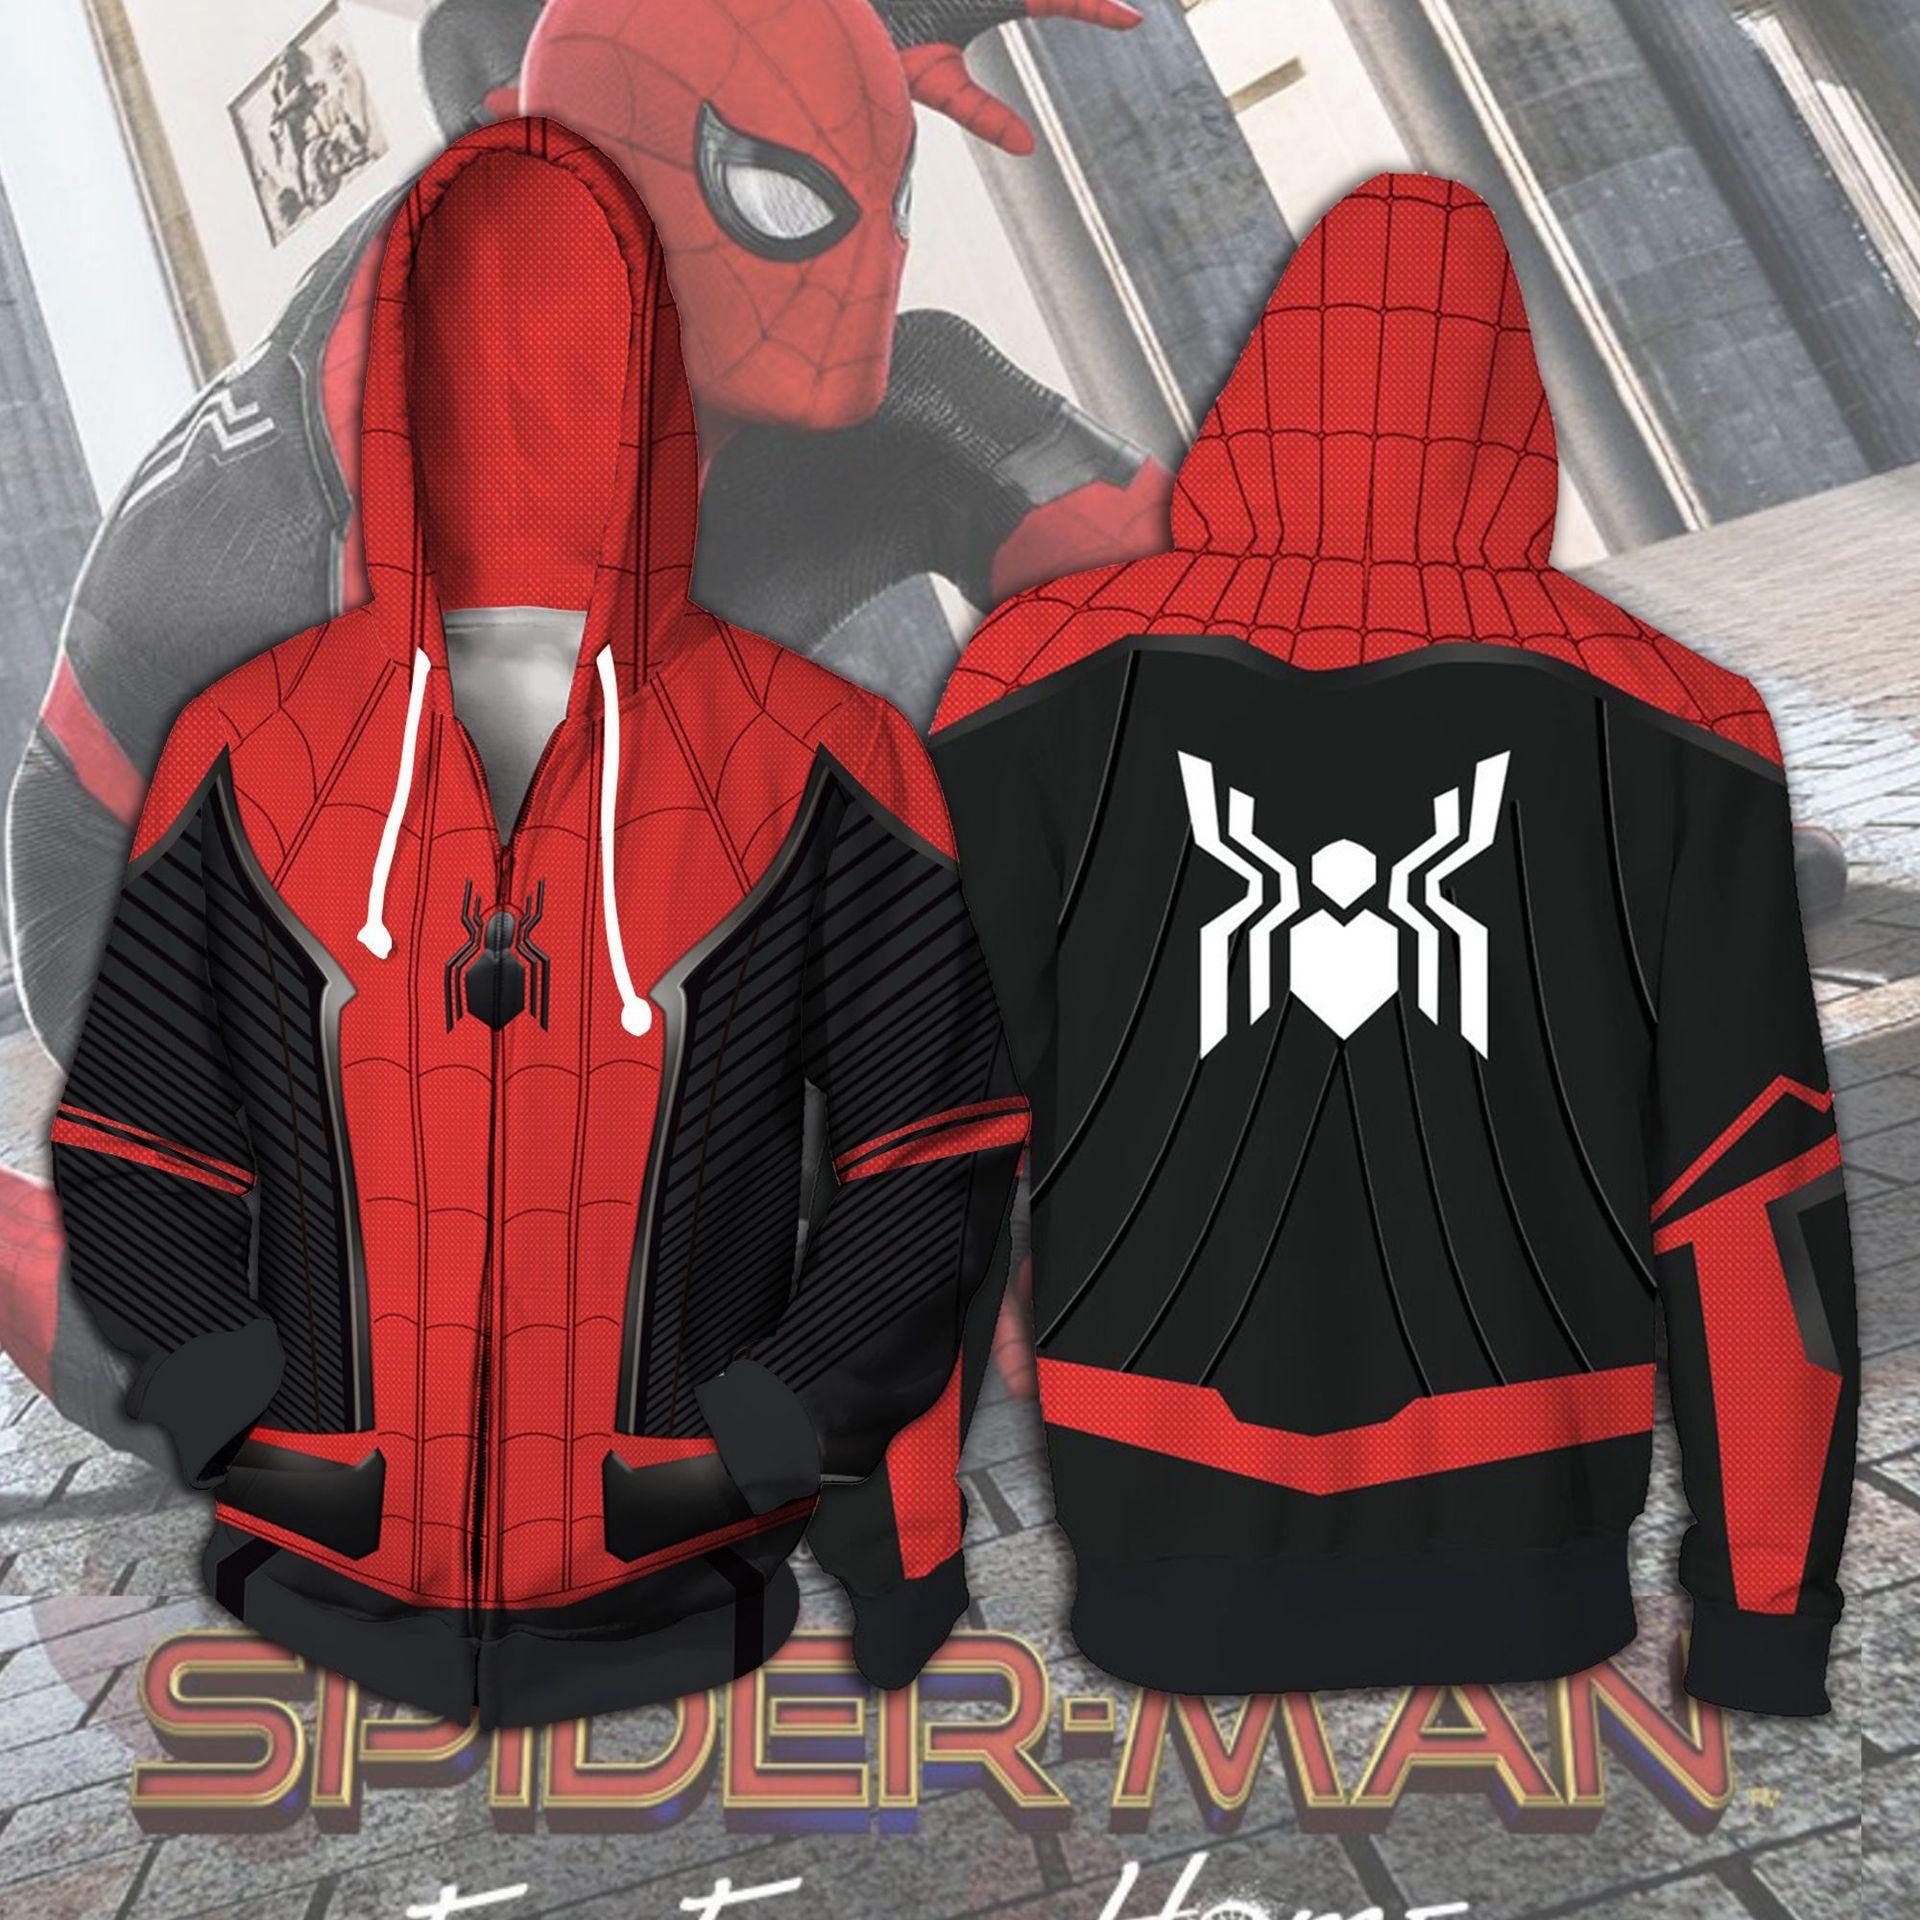 3D Printed Spiderman Costume Hoodies Men Superhero New Movie Spider Venom Hooded Cosplay Sweatshirts Zipper Jacket Casual Tops